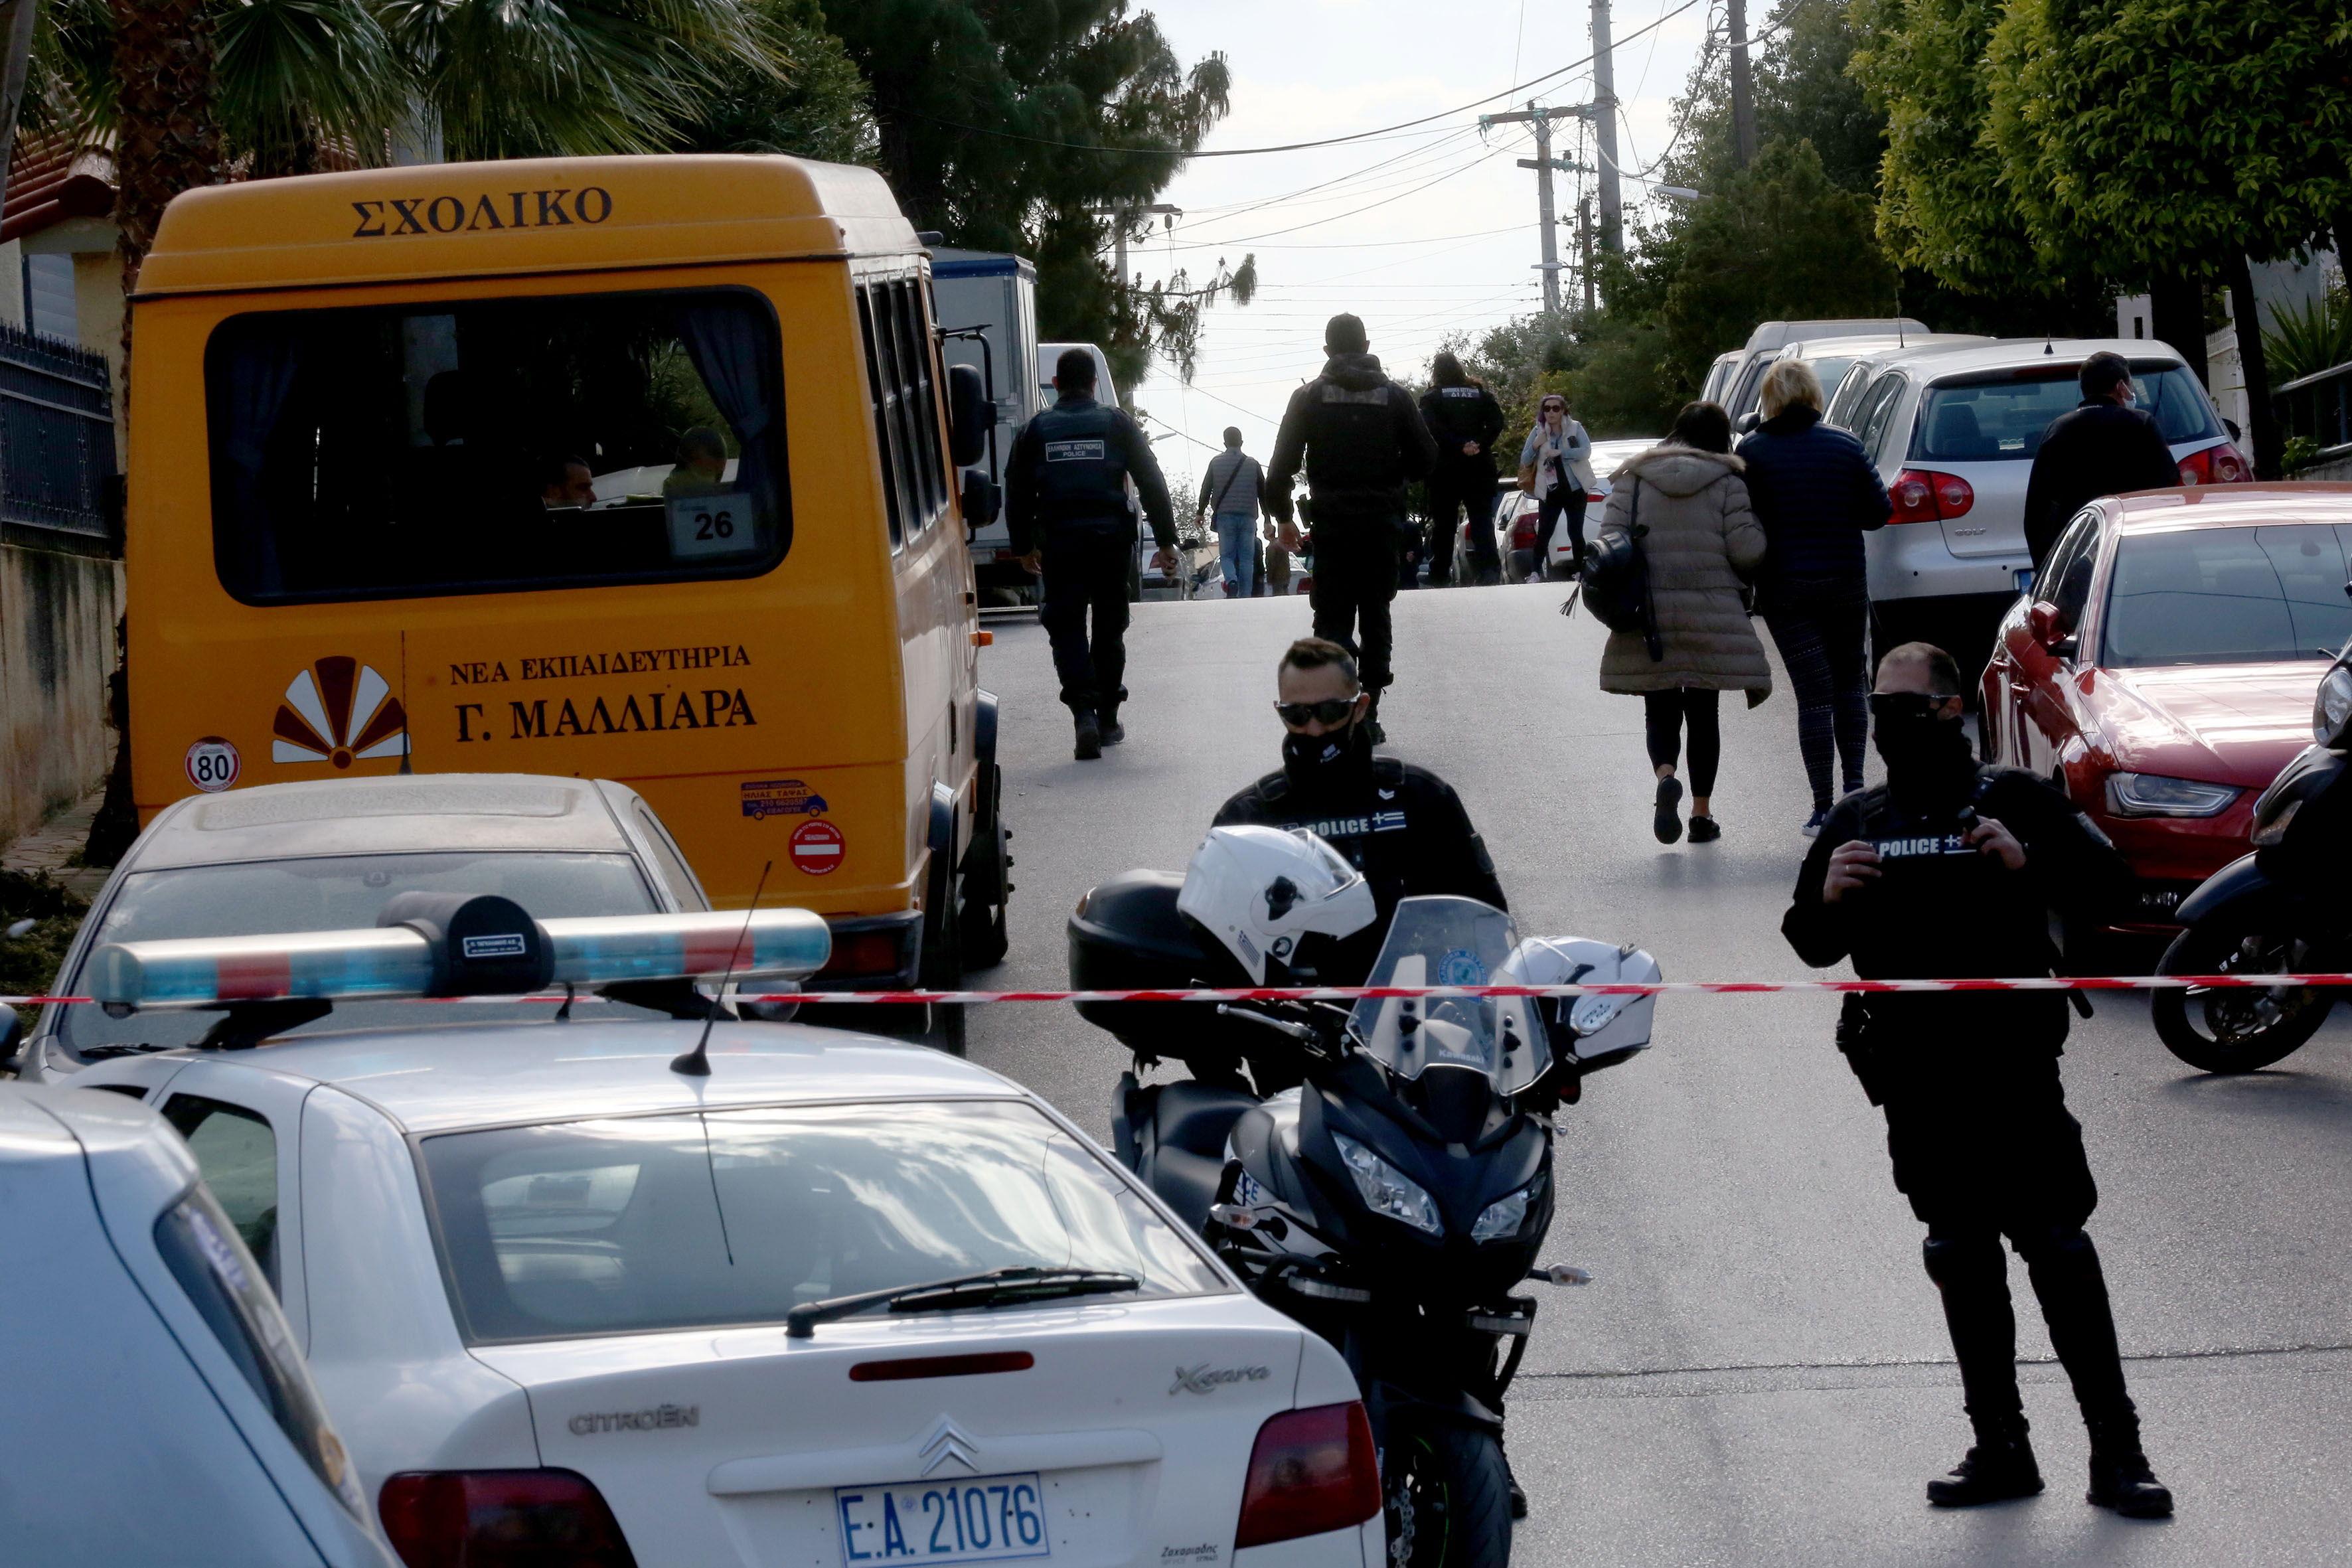 El griego Yorgos Karaivaz, el último periodista europeo asesinado